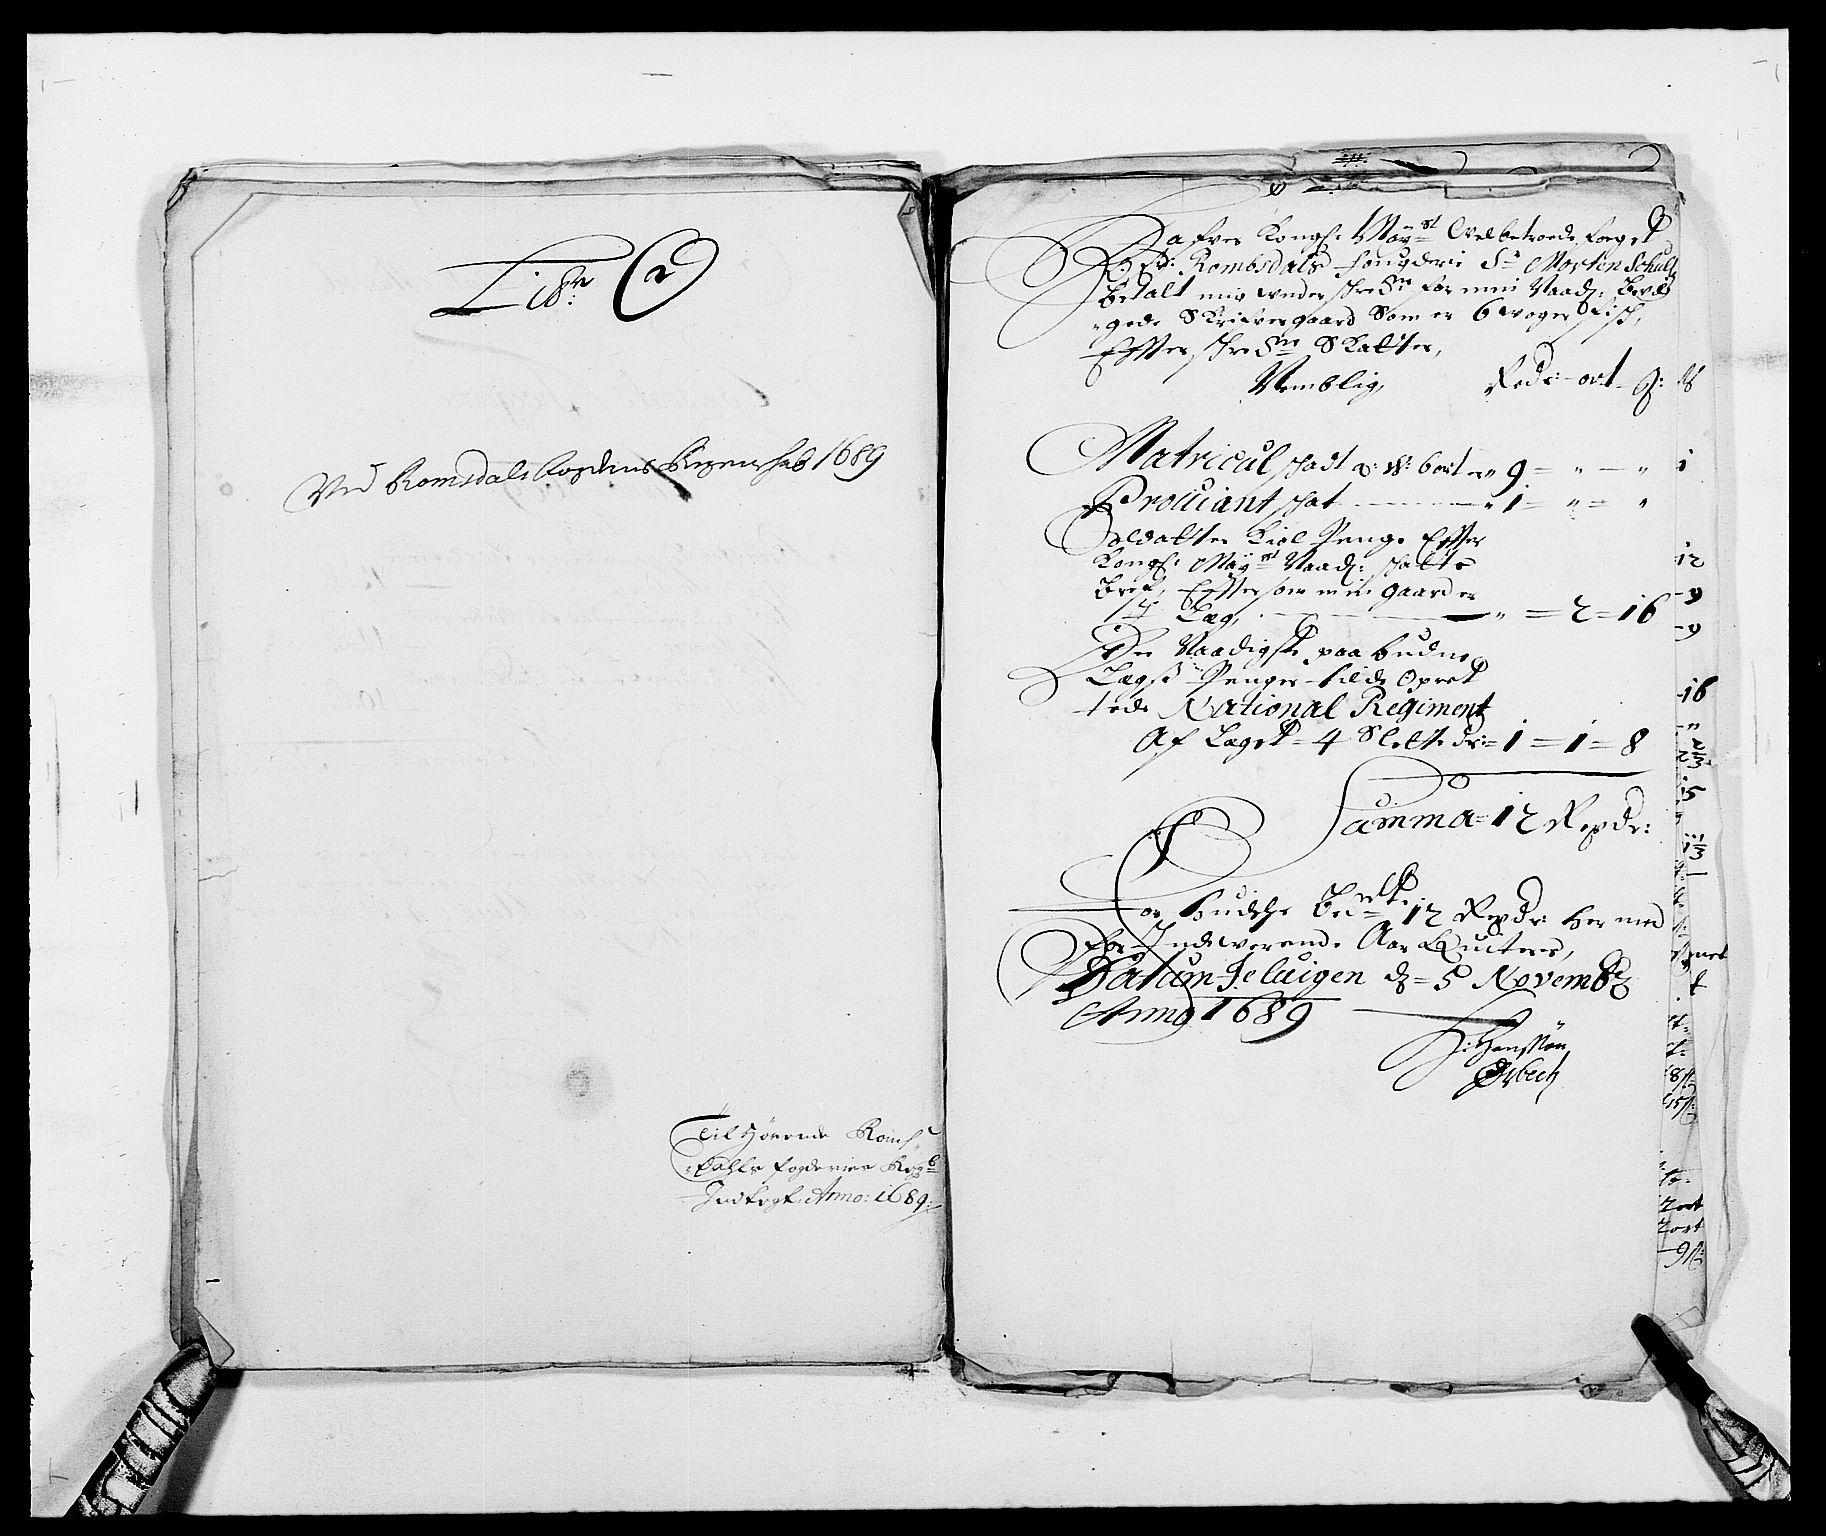 RA, Rentekammeret inntil 1814, Reviderte regnskaper, Fogderegnskap, R55/L3648: Fogderegnskap Romsdal, 1687-1689, s. 403